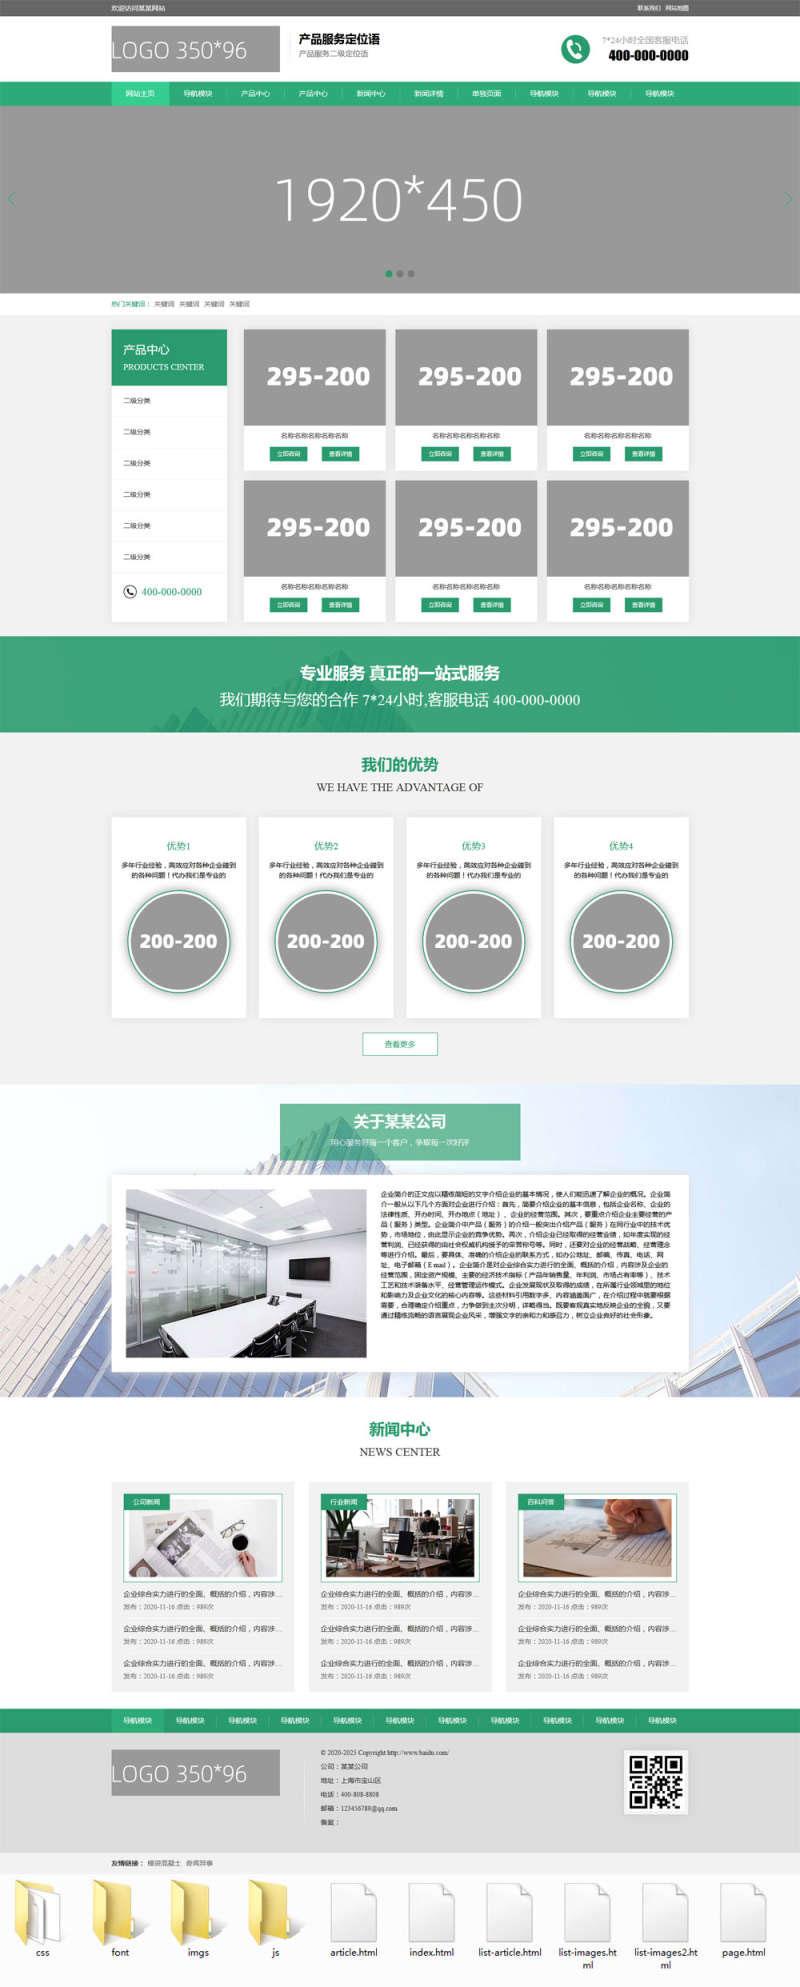 绿色清新风格通用型企业产品展示网站模板